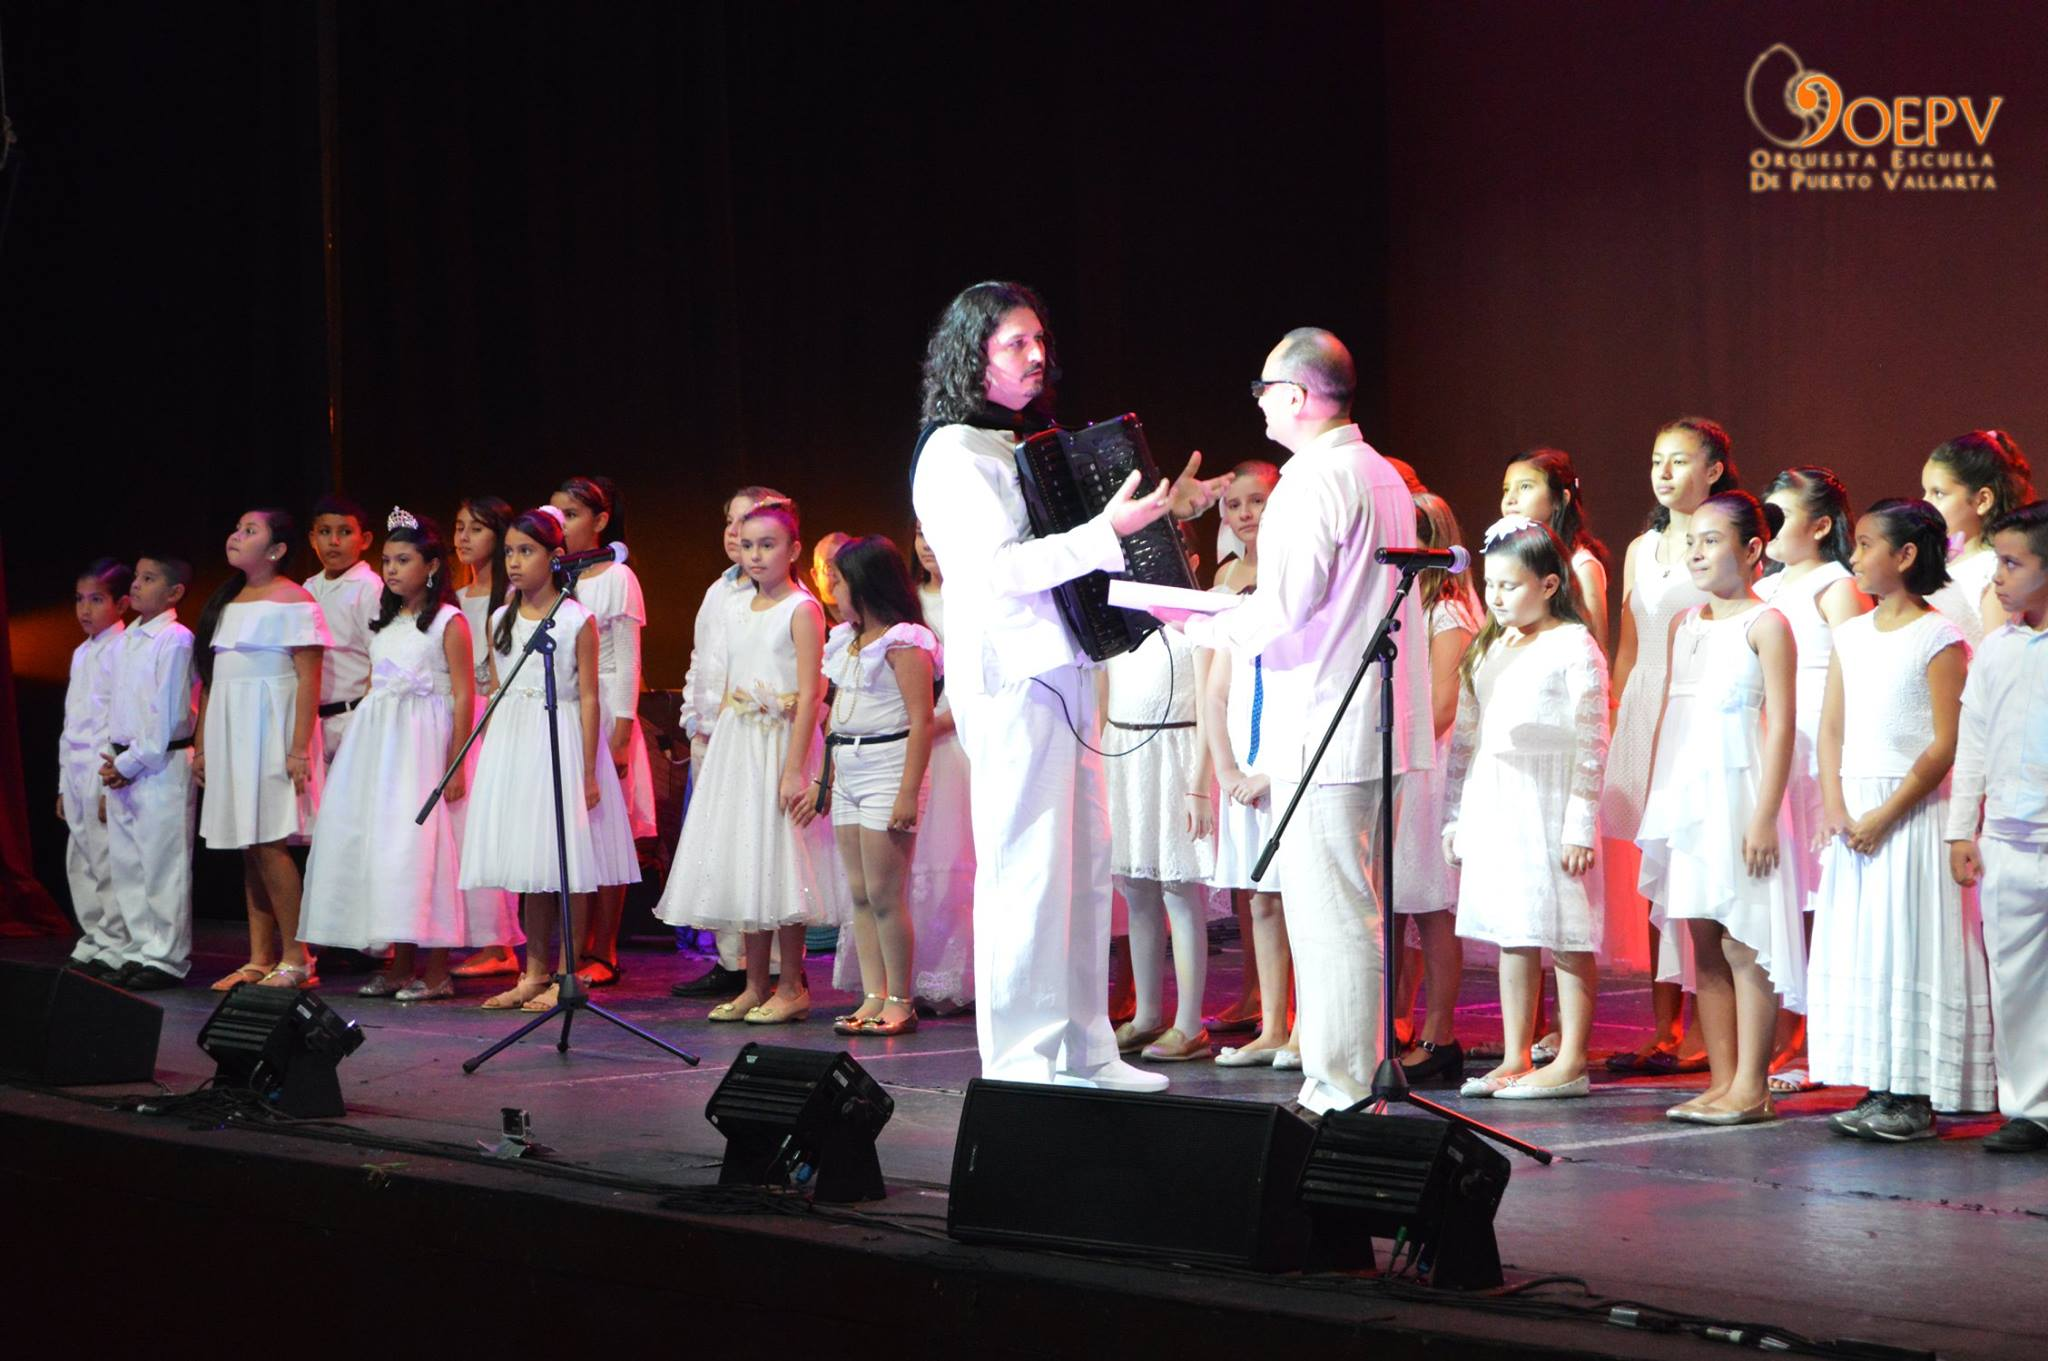 Coro OEPV Orquesta Escuela de Puerto Vallarta Marco Lo Russo Juan Pablo Félix Sánchez